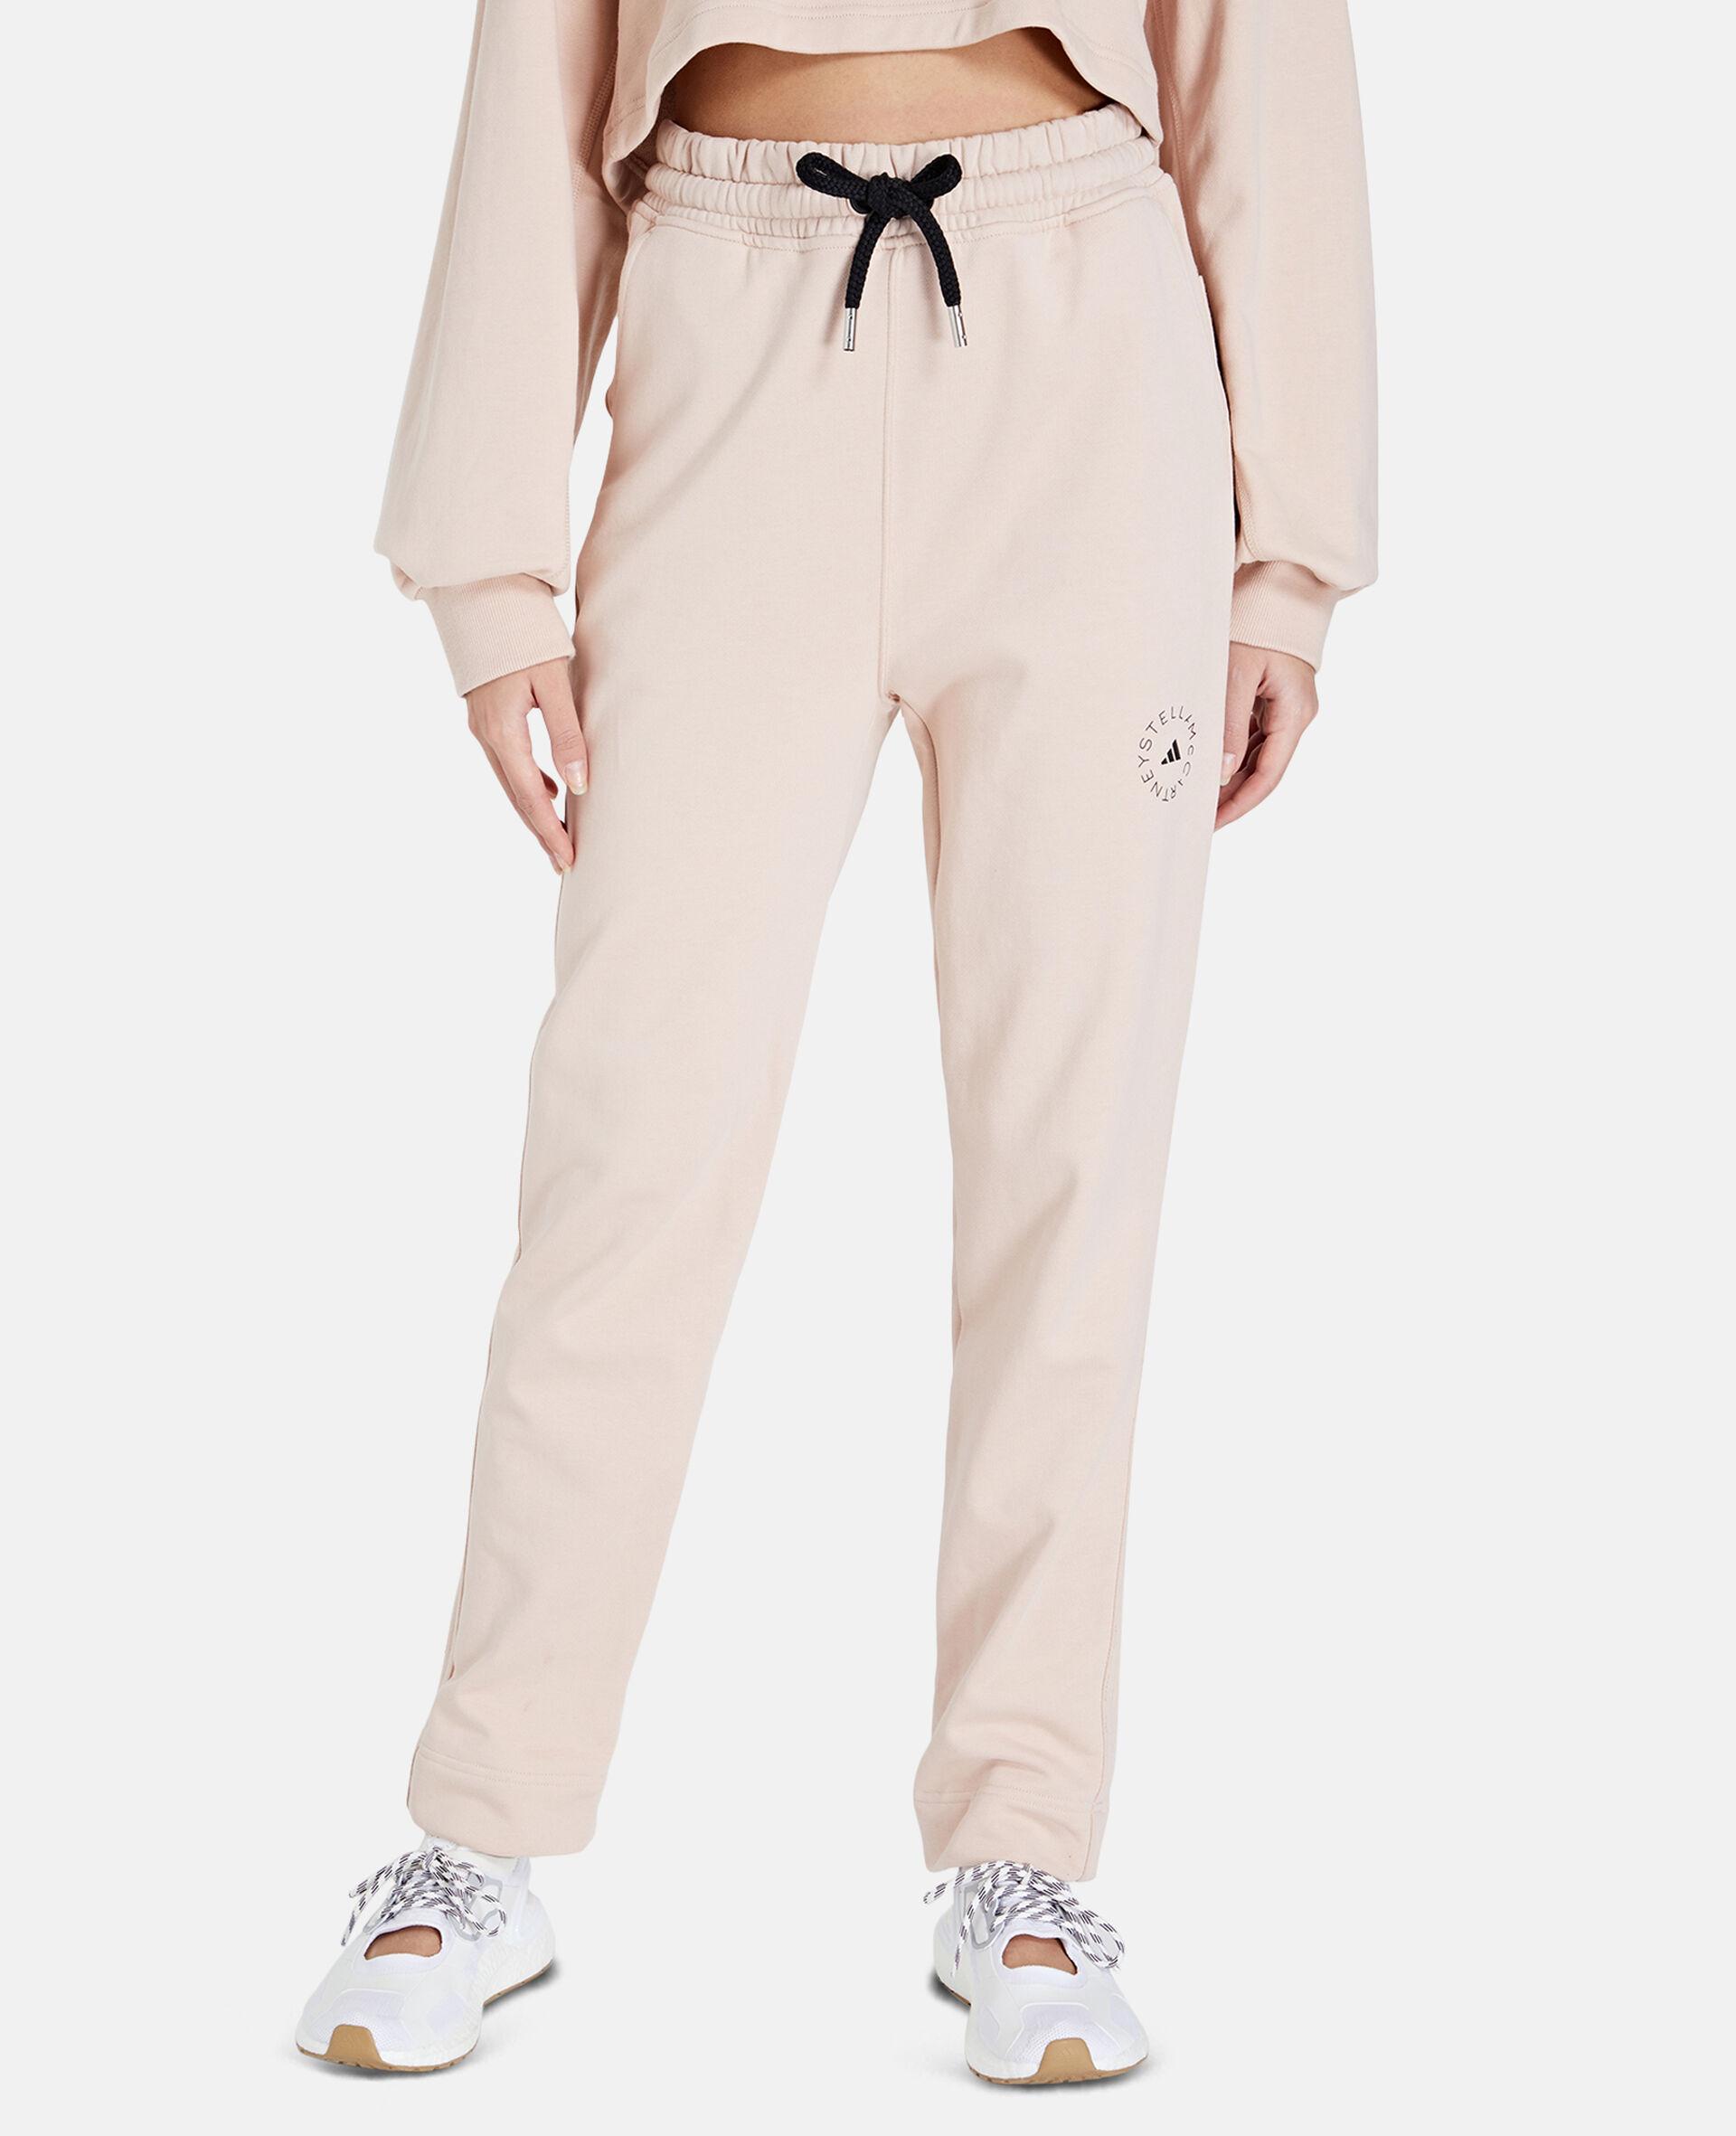 粉色 Training 卫裤 -粉色-large image number 4